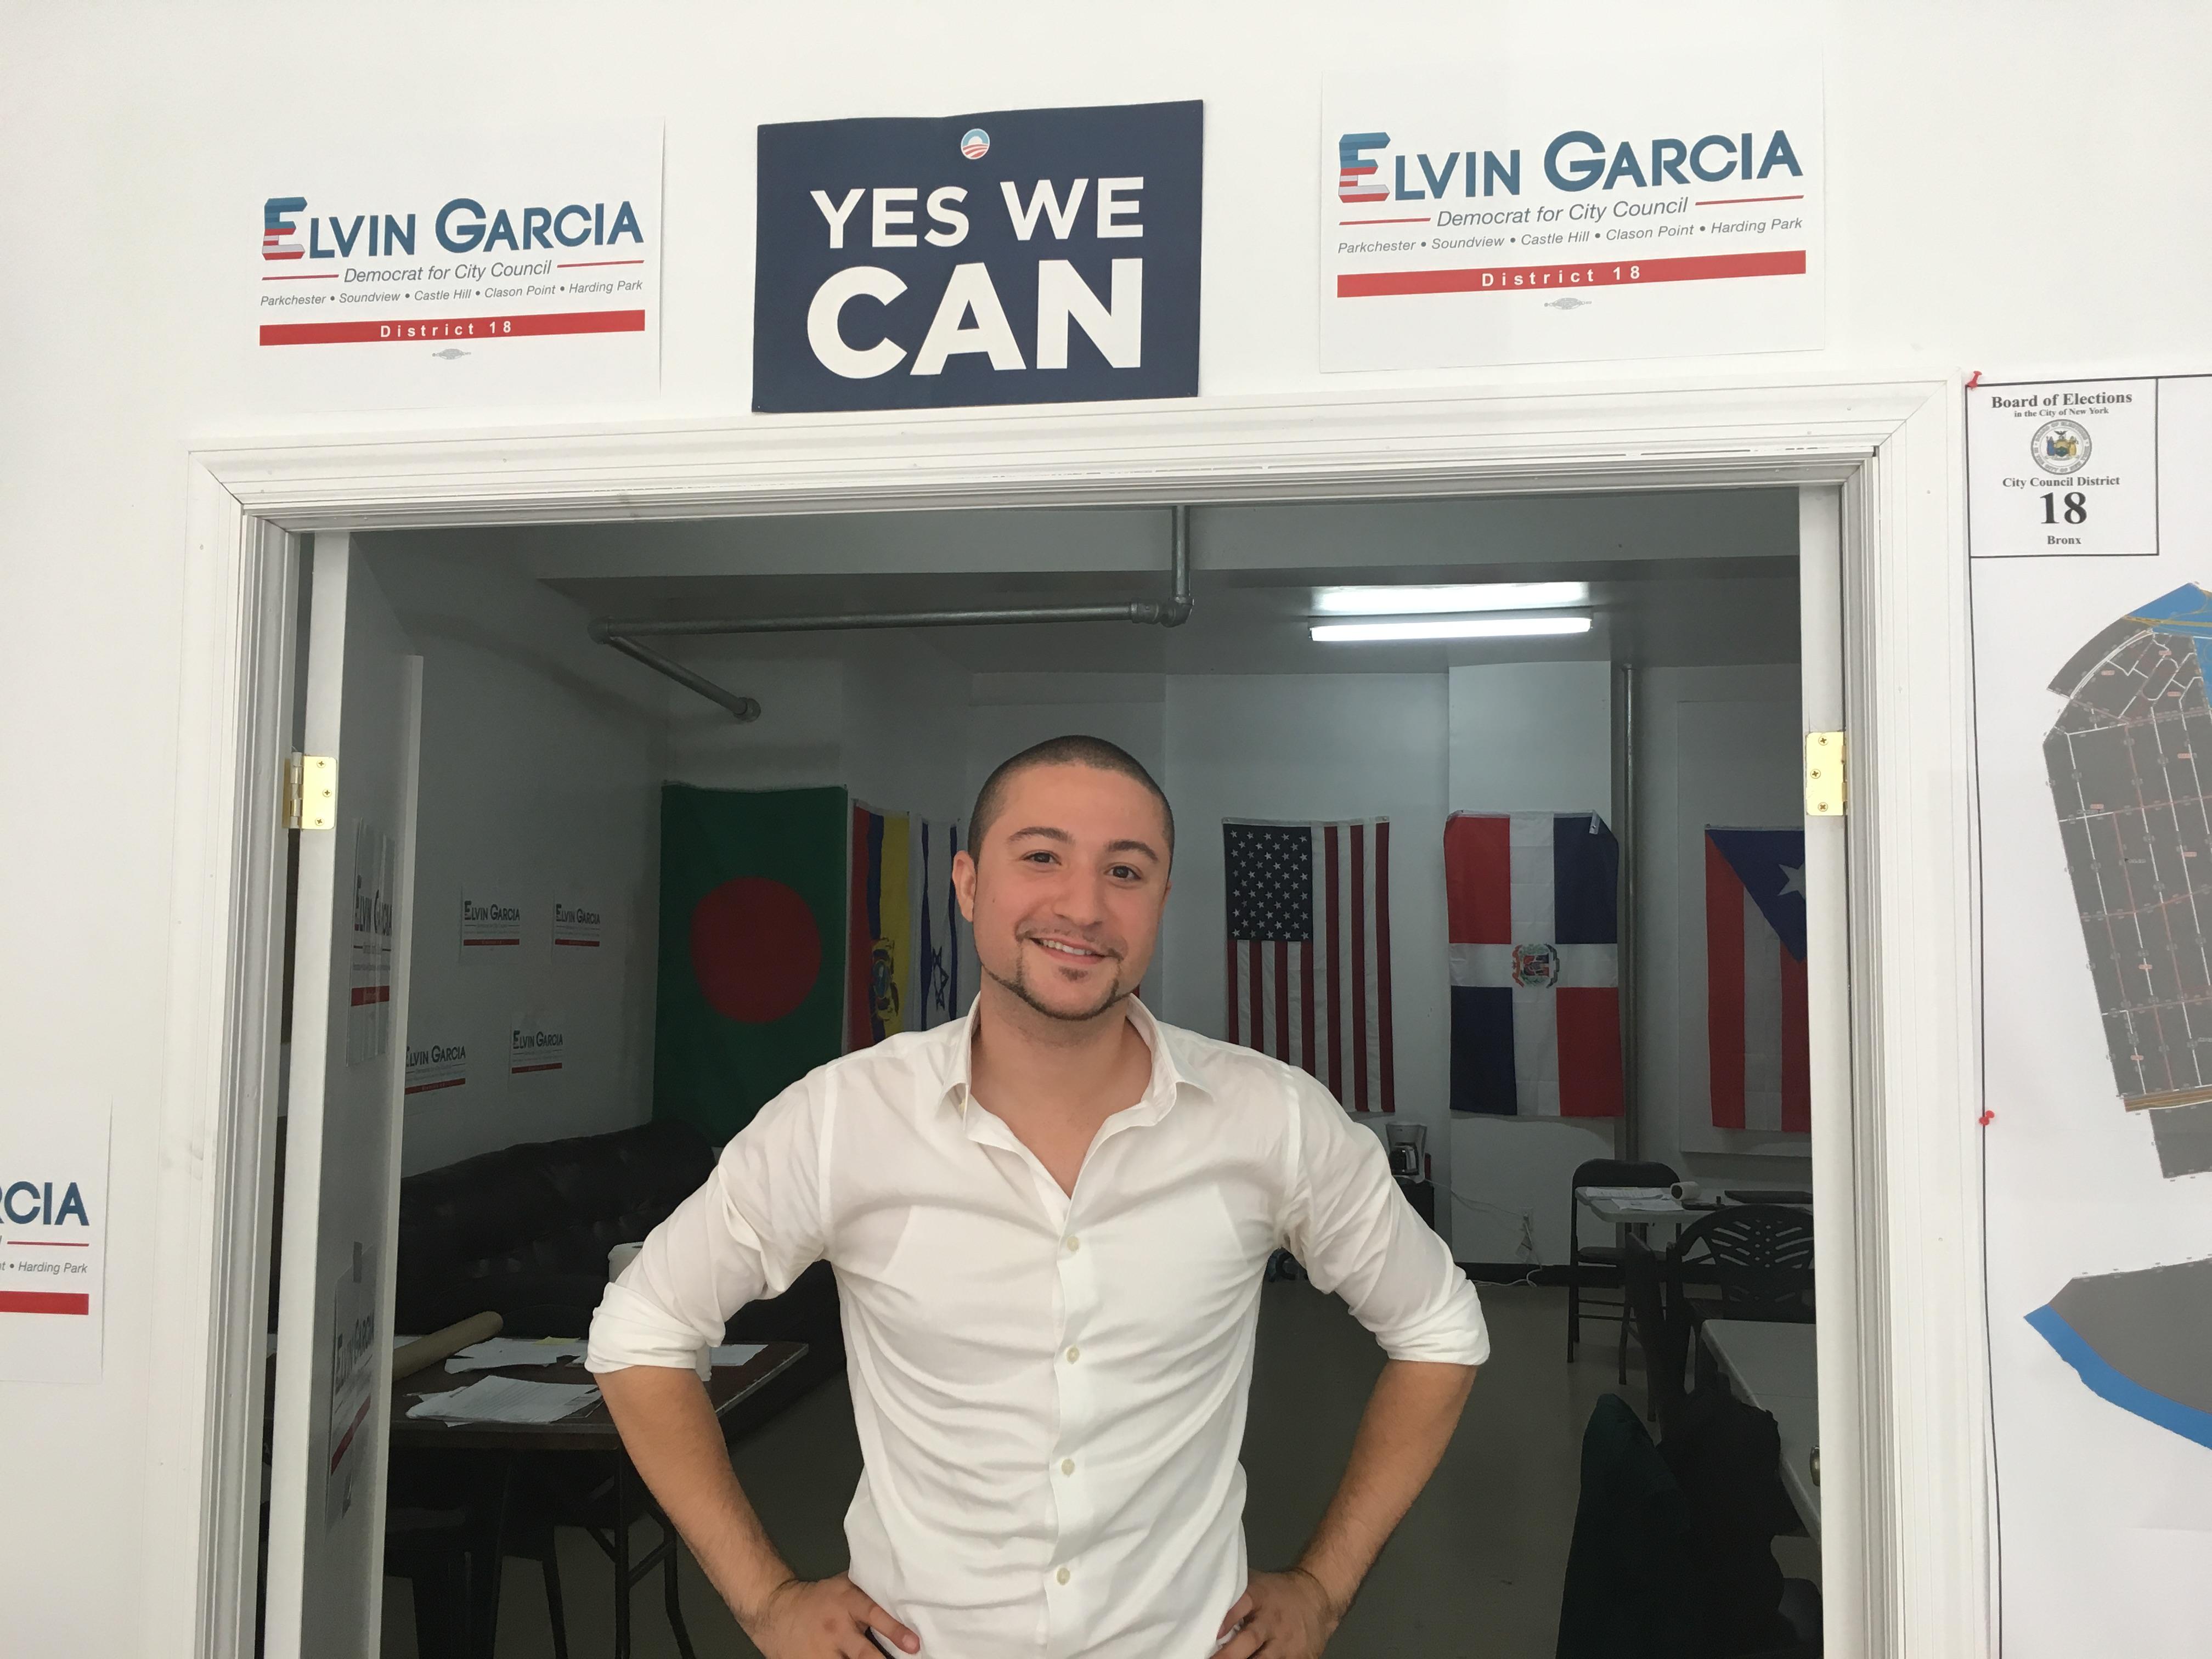 Elvin García